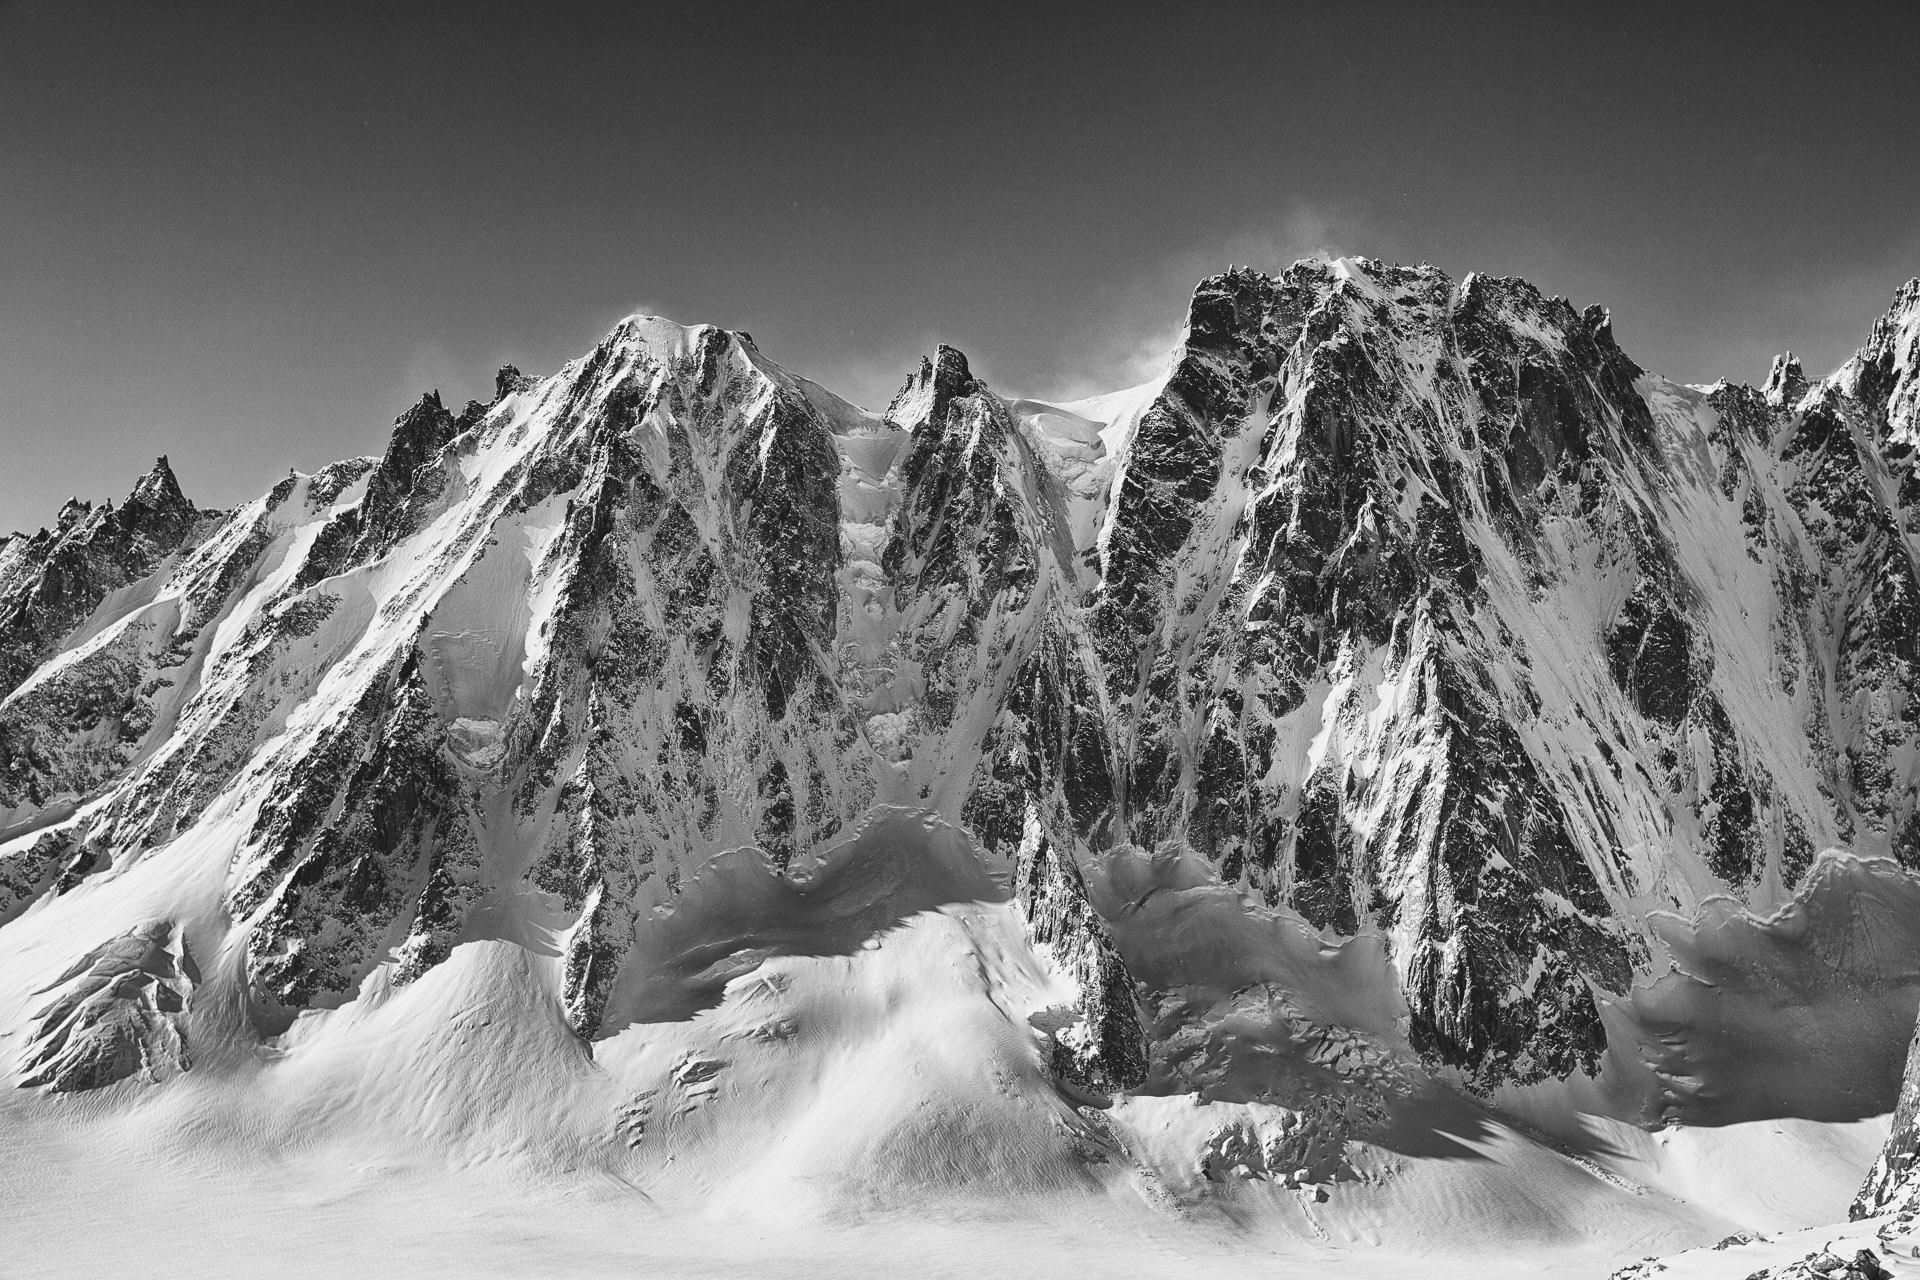 Les Droites and Grande Rocheuse above glacier d'Argentiere